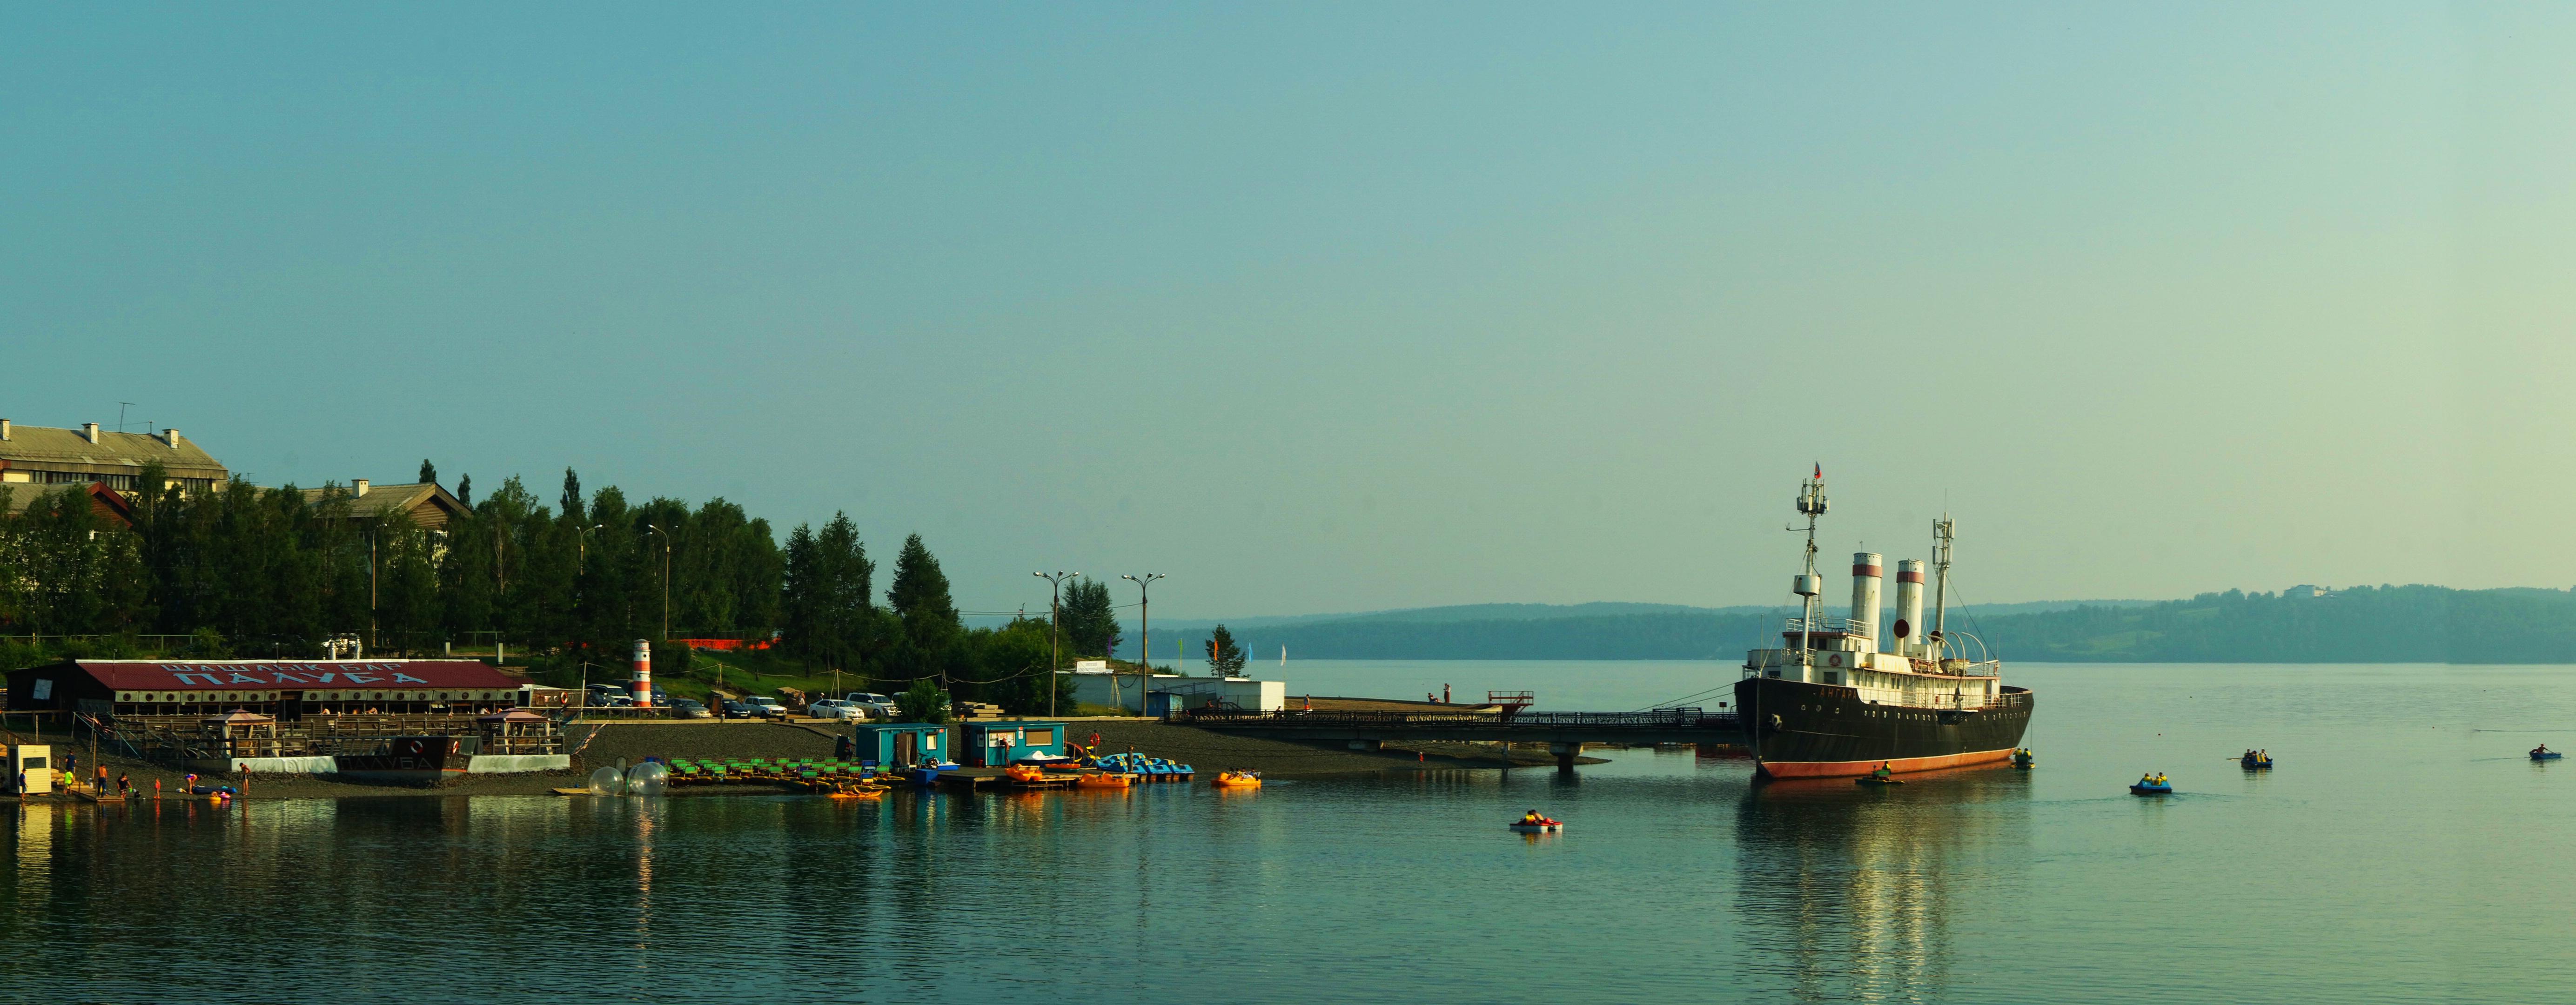 Роспотребнадзор: Вода в реке Иркут опасна для здоровья